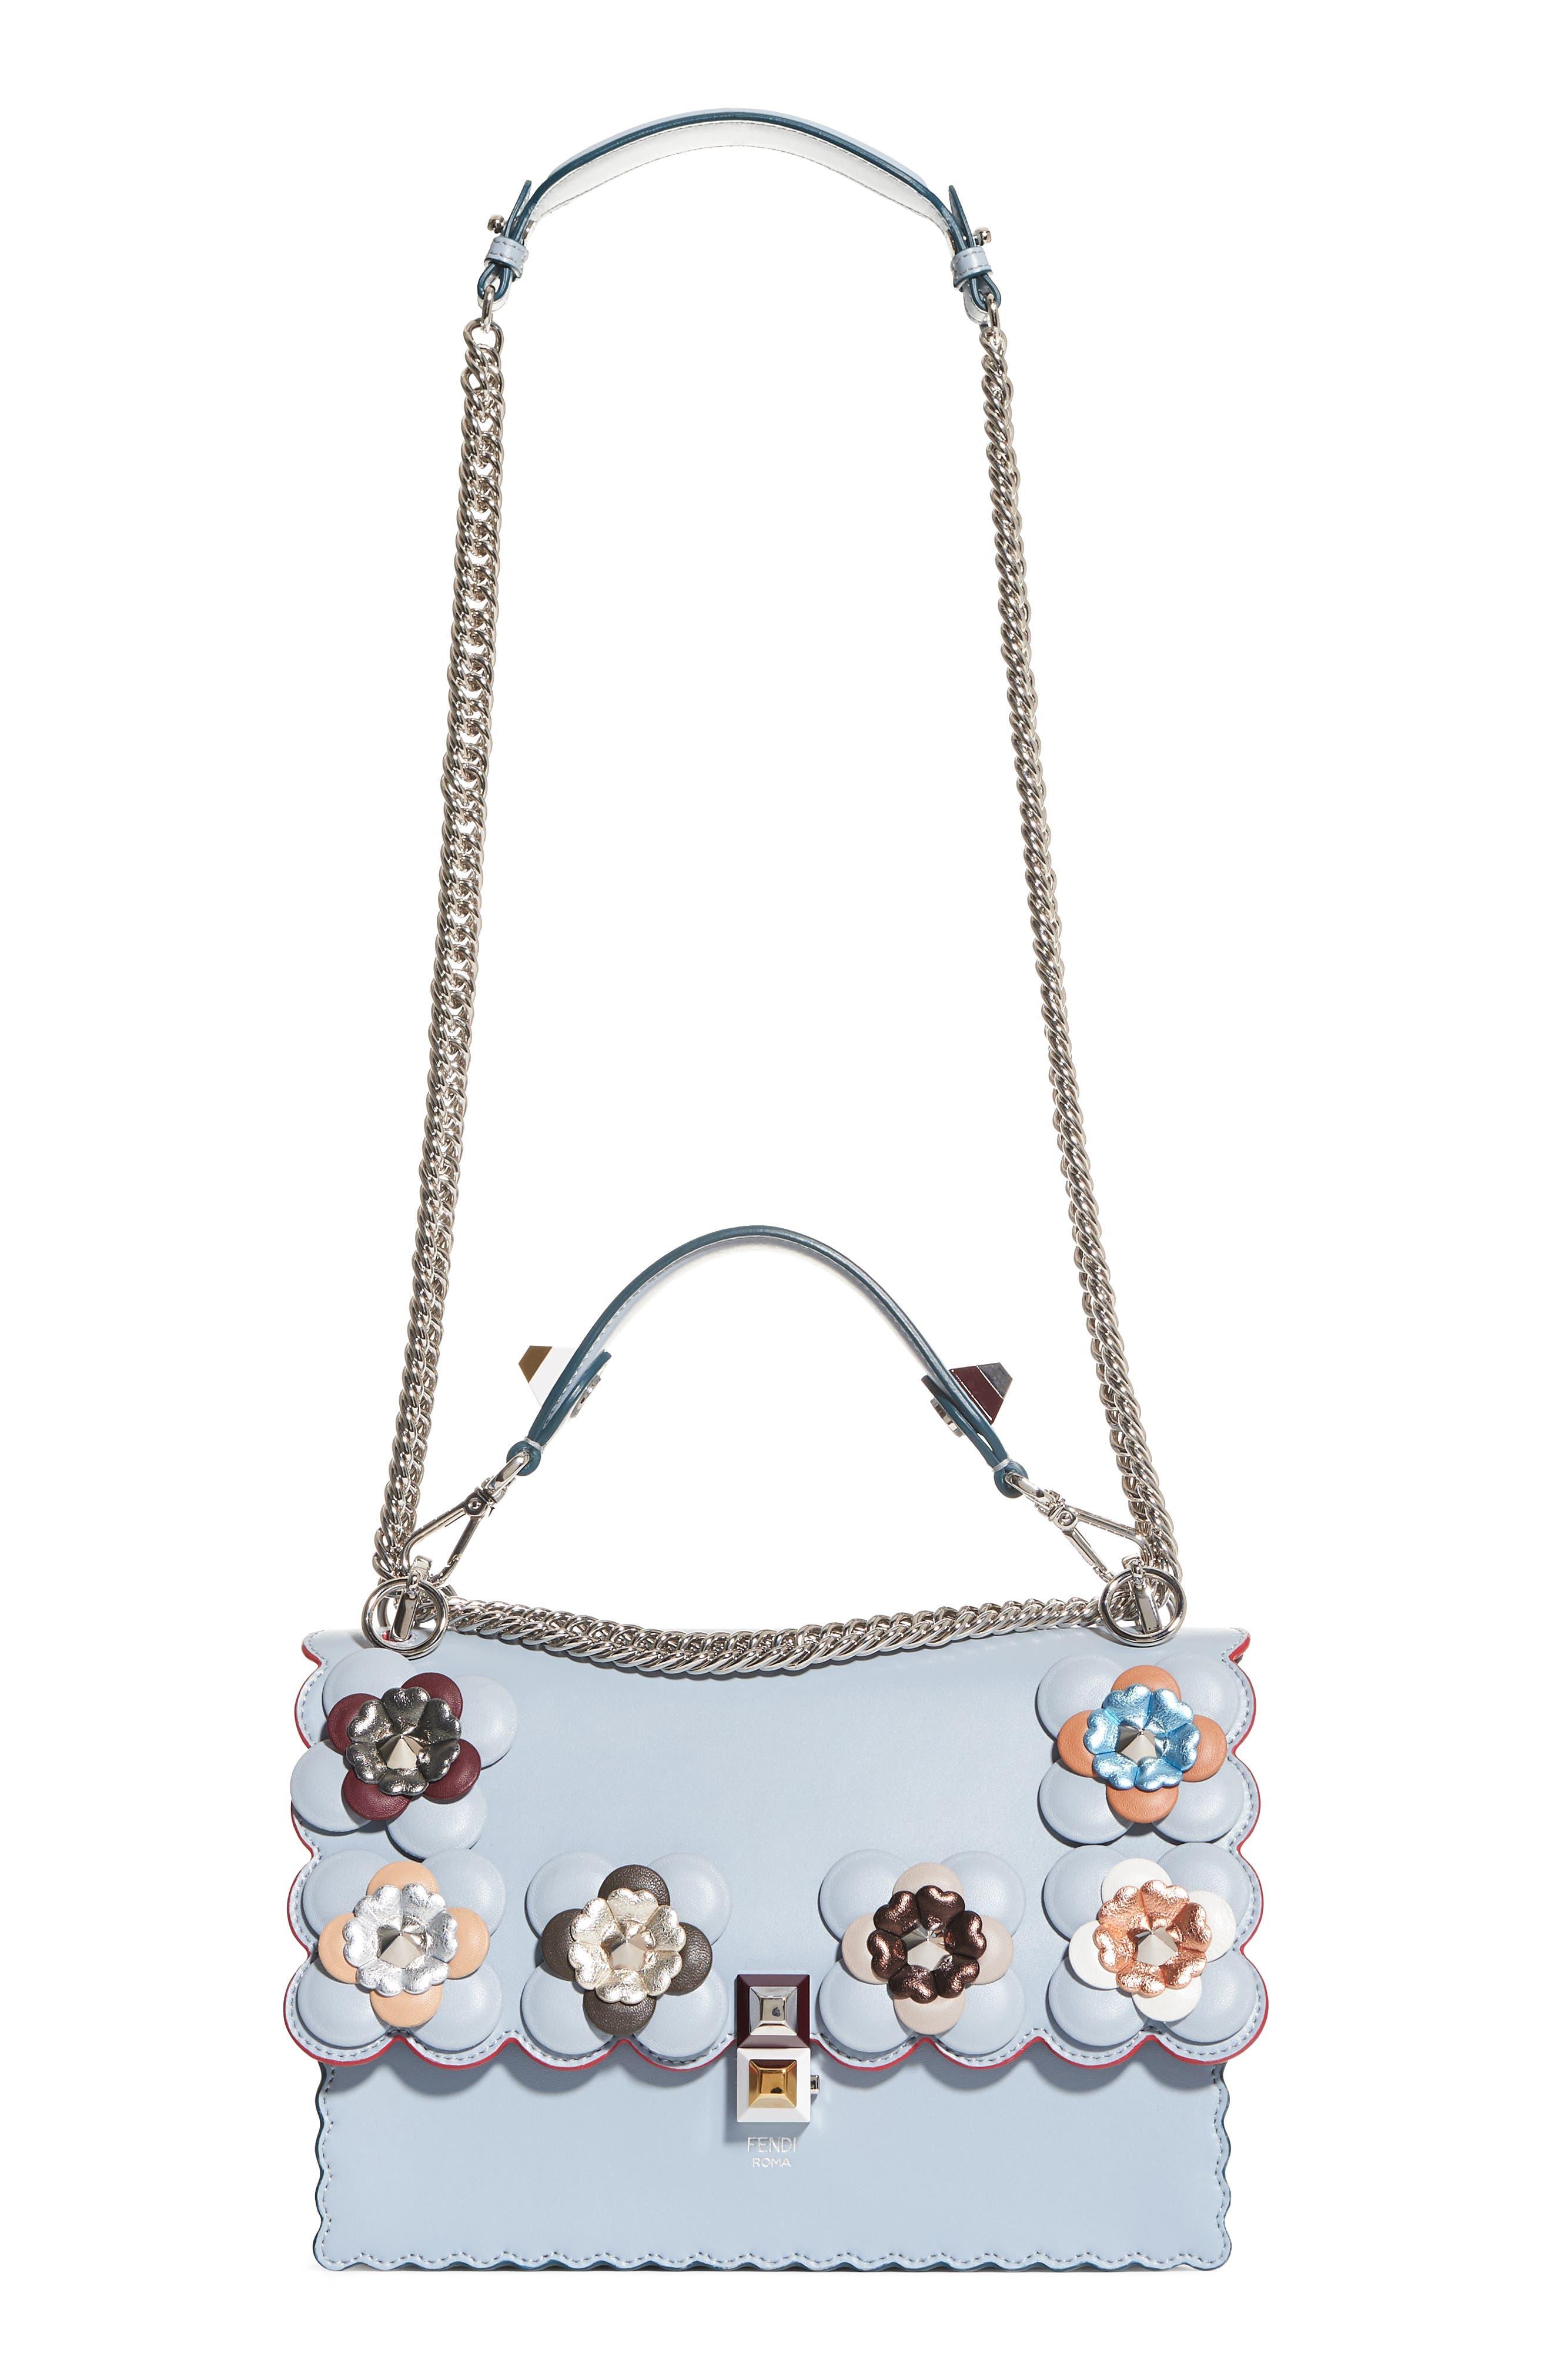 Alternate Image 1 Selected - Fendi Kan I Liberty Leather Shoulder Bag